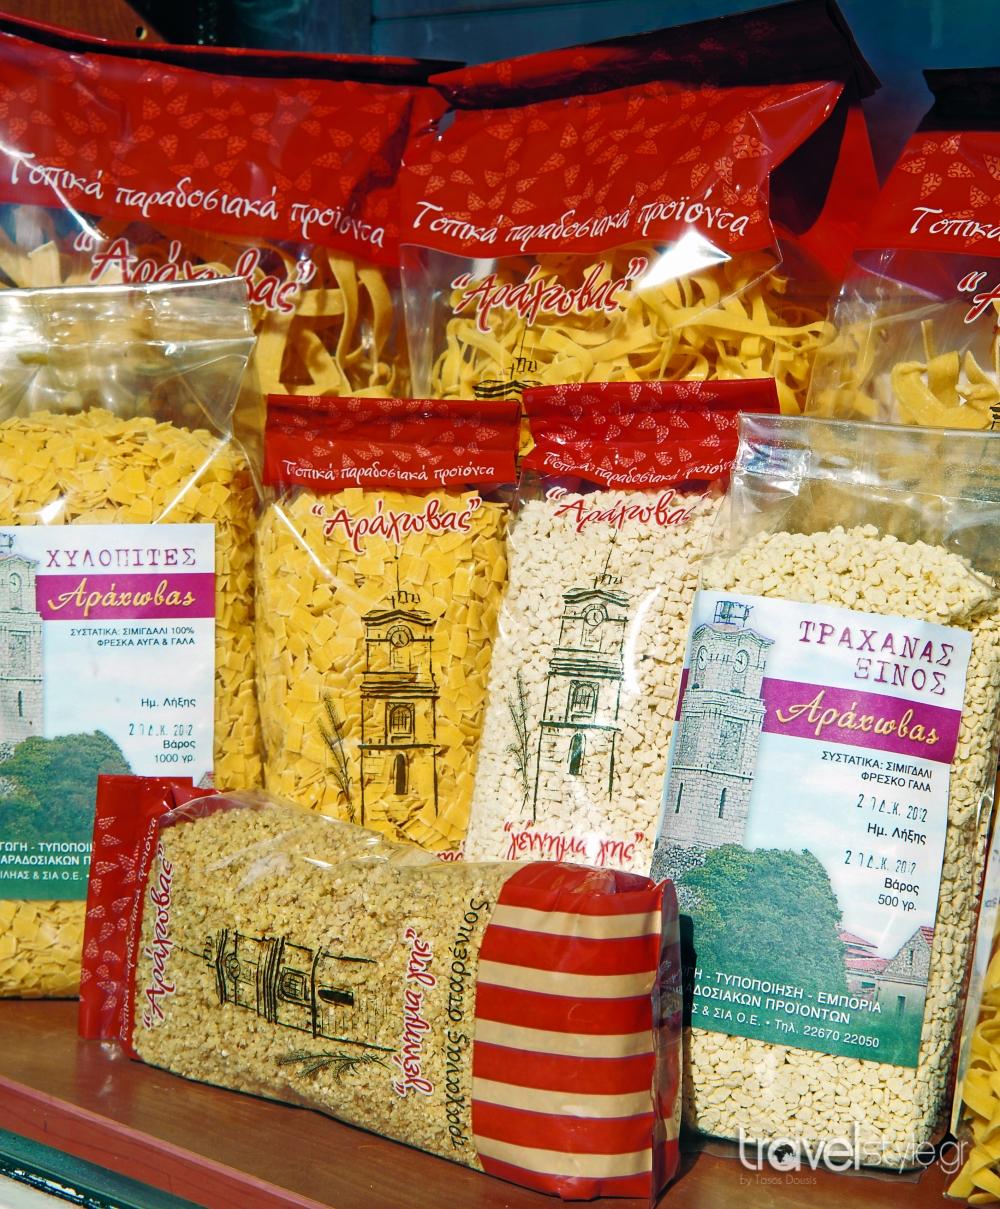 Τα παραδοσιακά προϊόντα του Παρνασσού που πρέπει να βάλεις στο καλάθι σου!